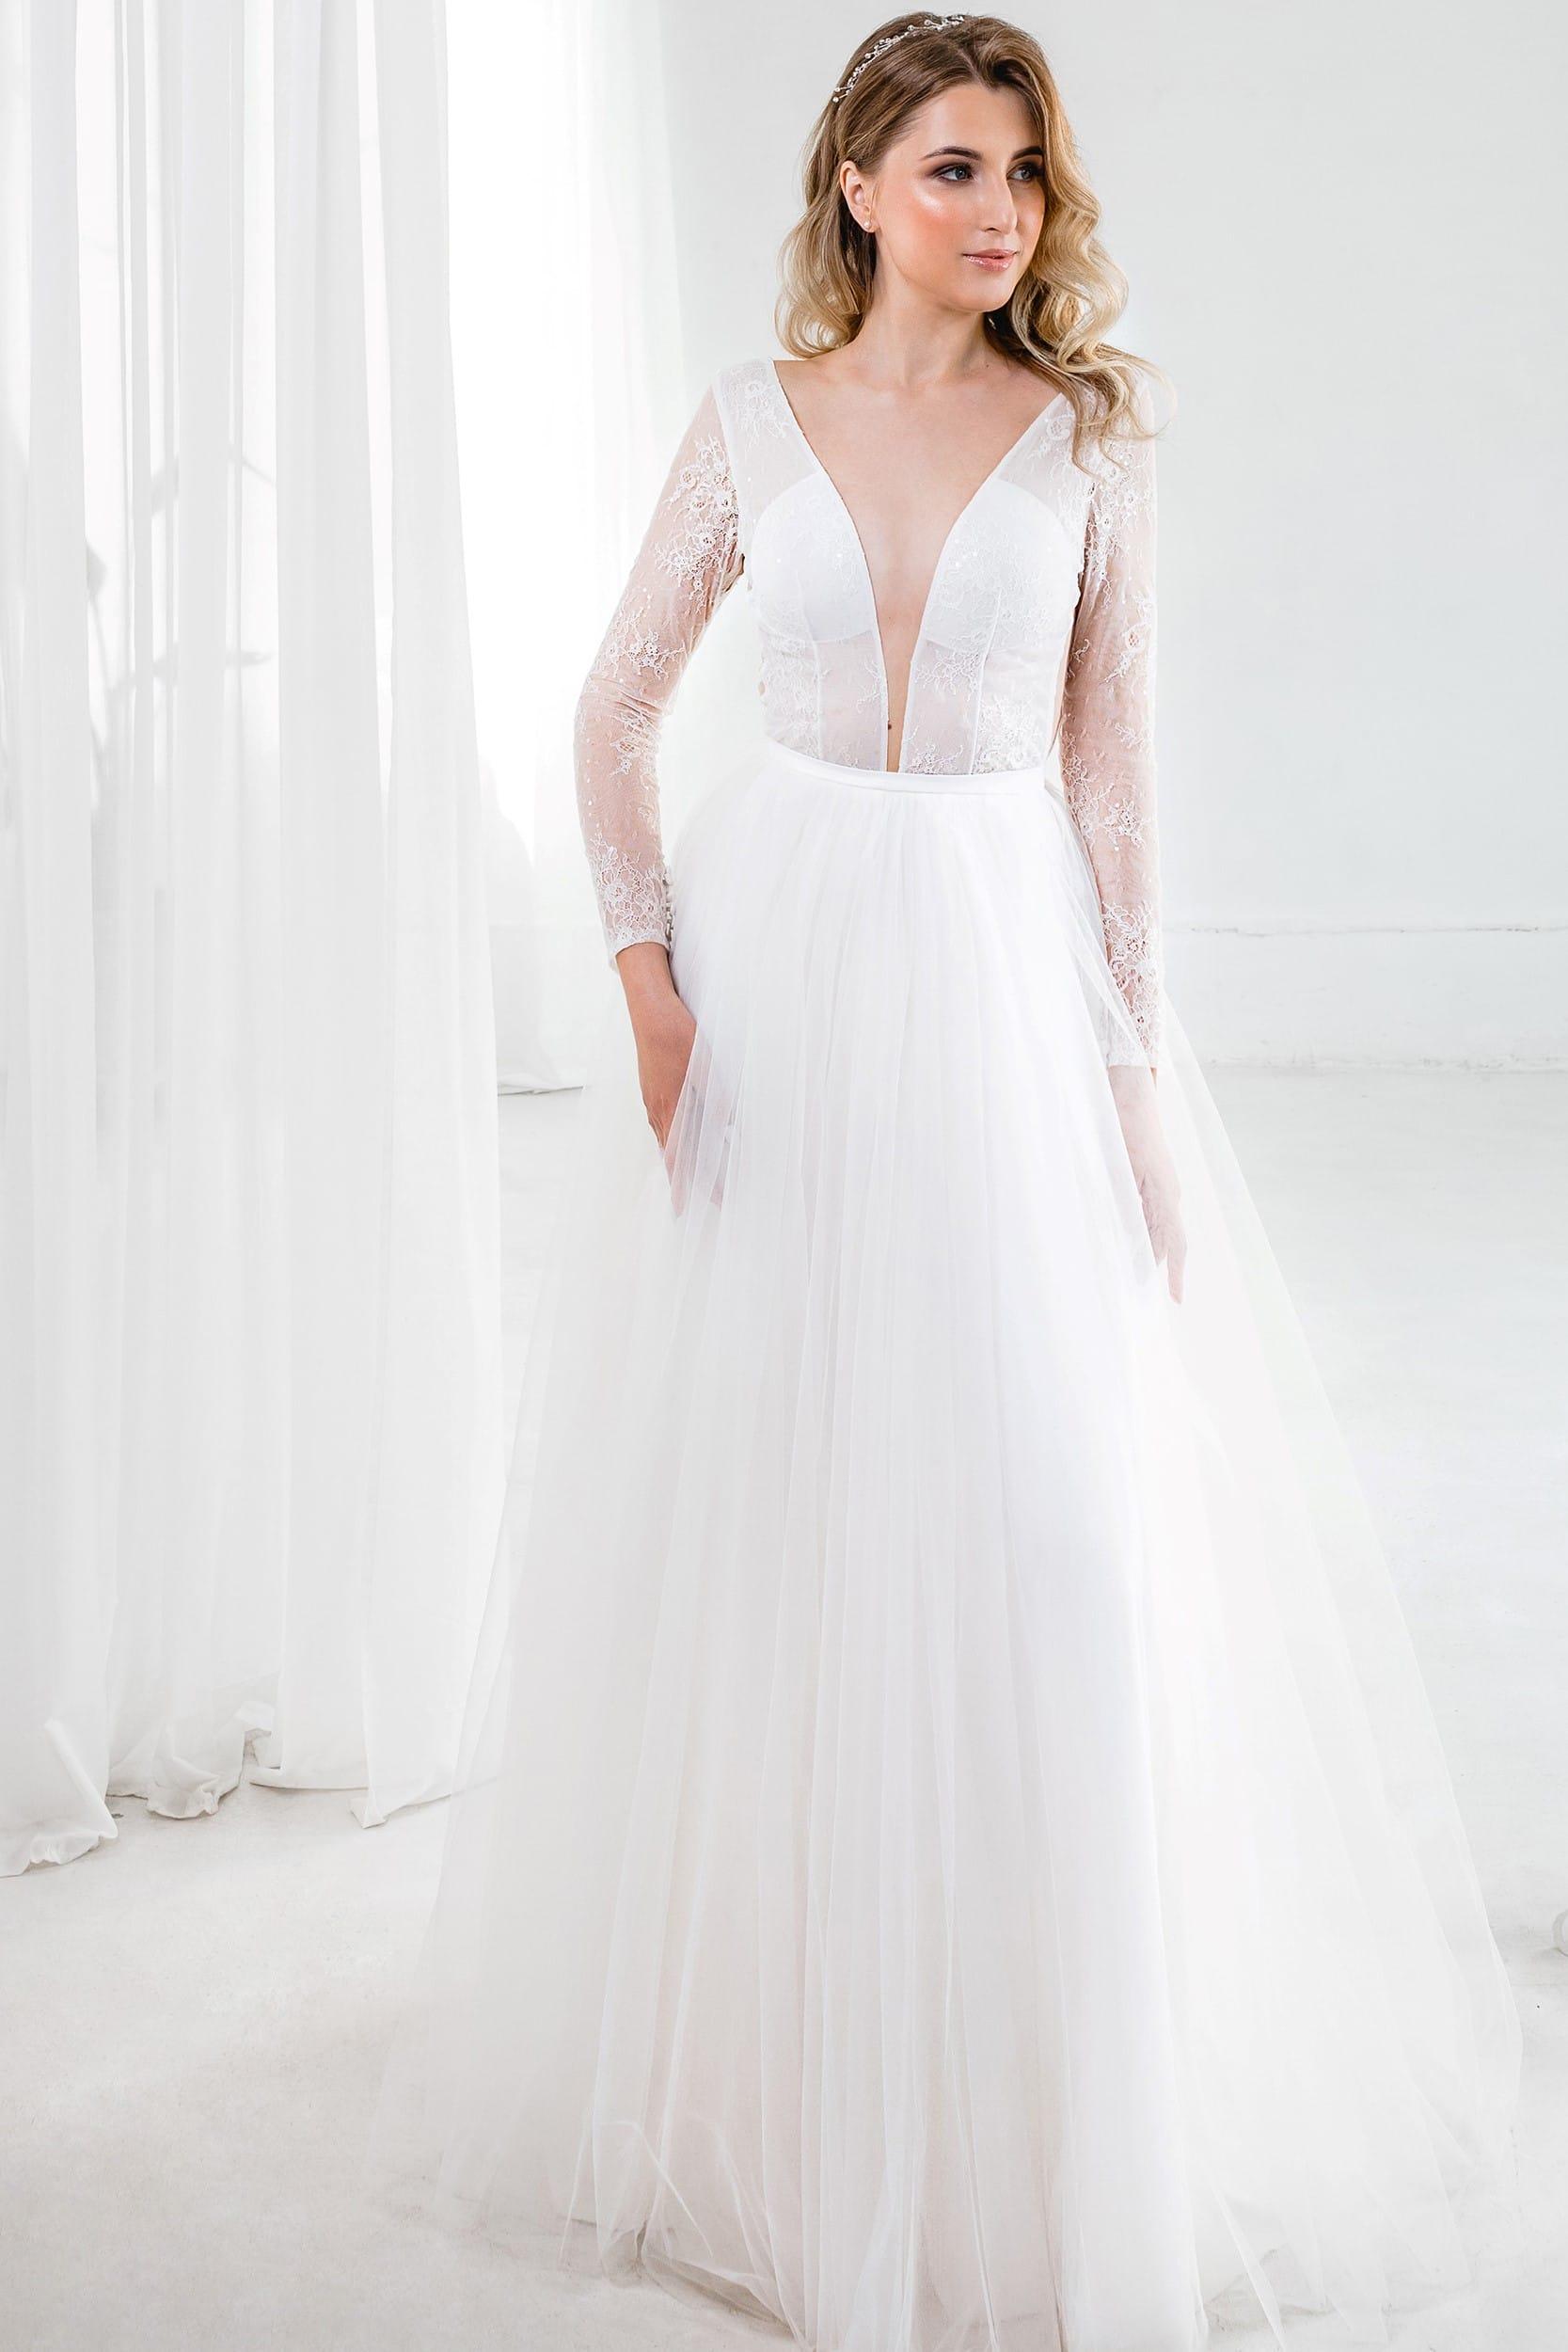 Свадебное платье с длинным рукавом и открытым декольте, открытая спина, а-силуэт, молочный цвет, стиль классический